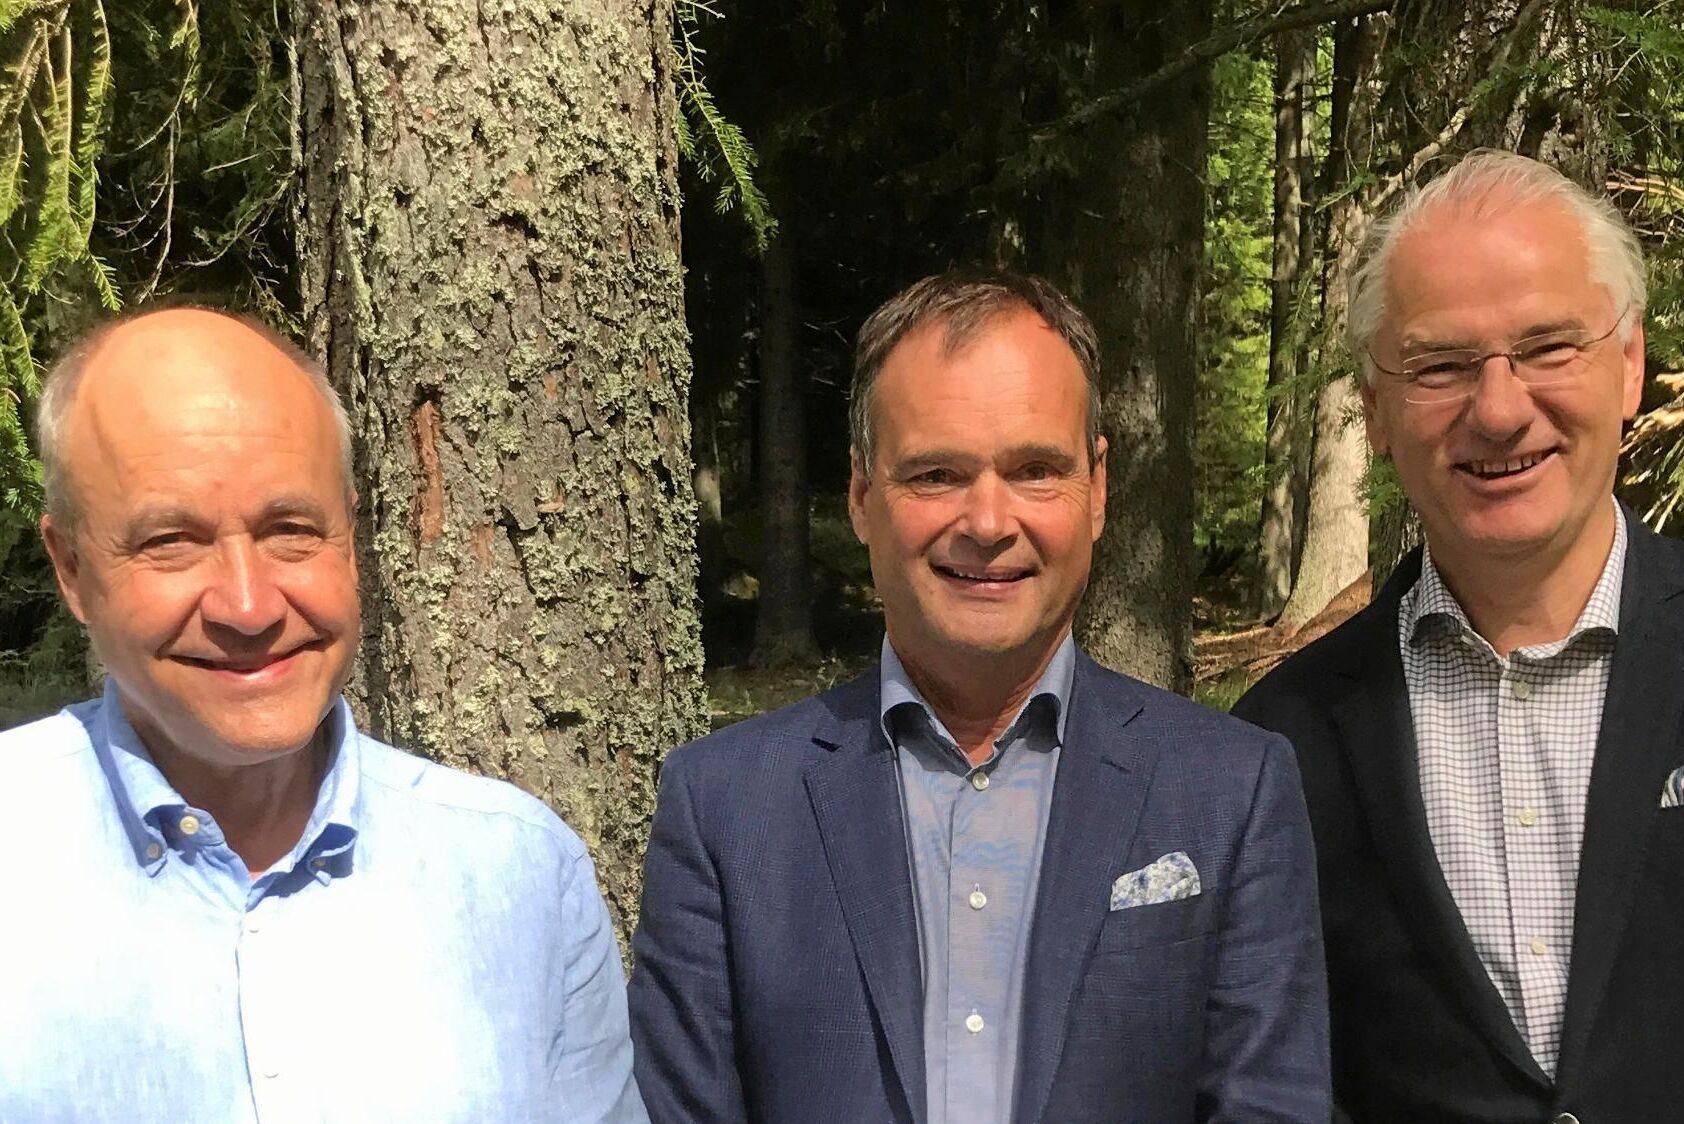 Grundare och ägare av CRK Management, som förvaltar Silvesticas tillgångar, är från vänster till höger: Karl Danielsson, Caesar Åfors, och Rickard Lehman.